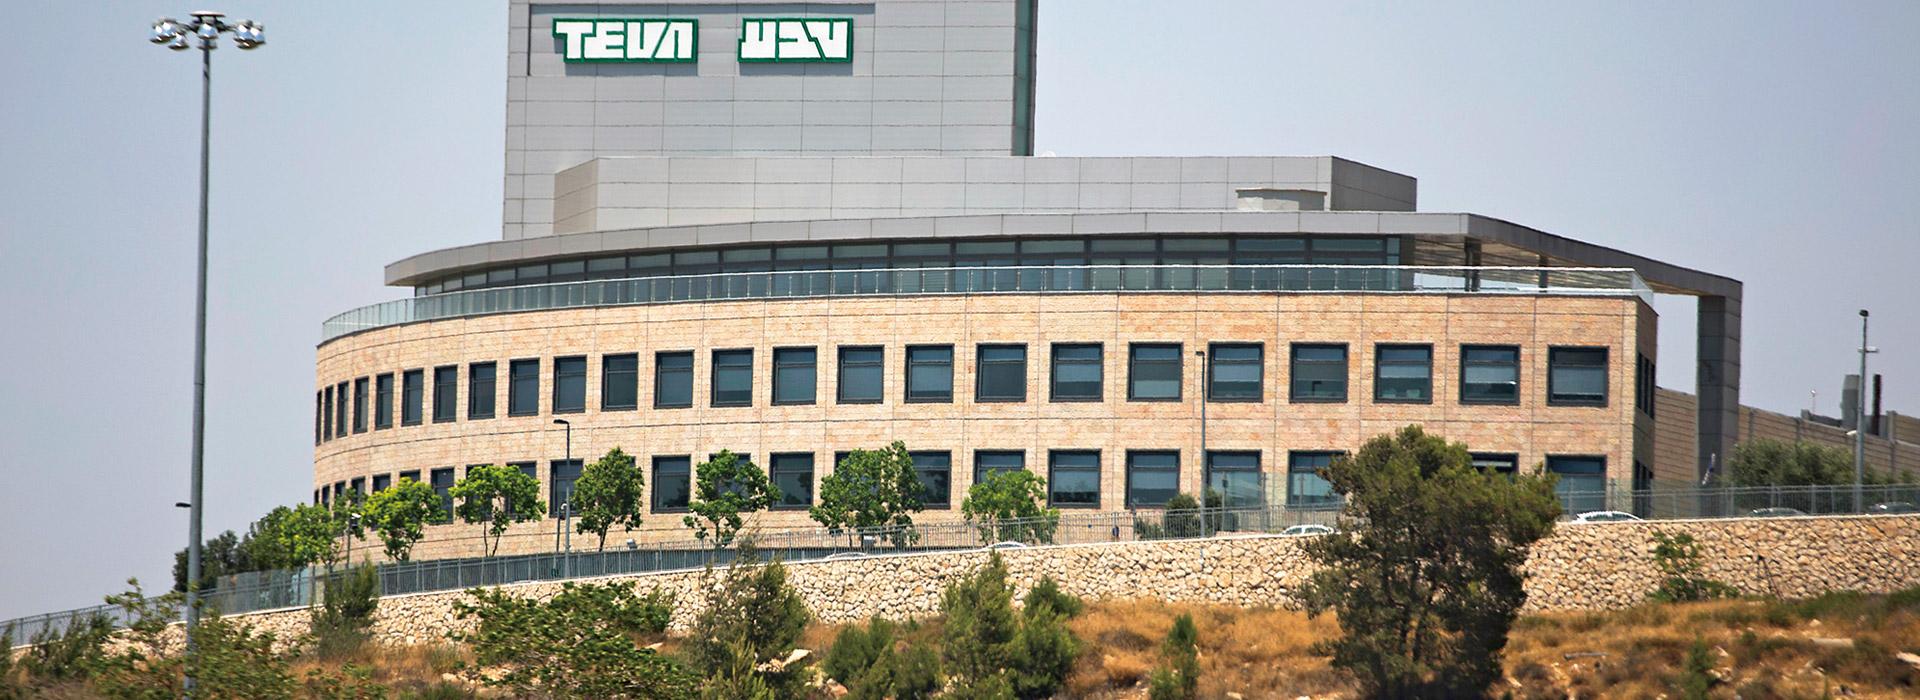 以色列生技國寶  為何讓榮耀變毒藥?